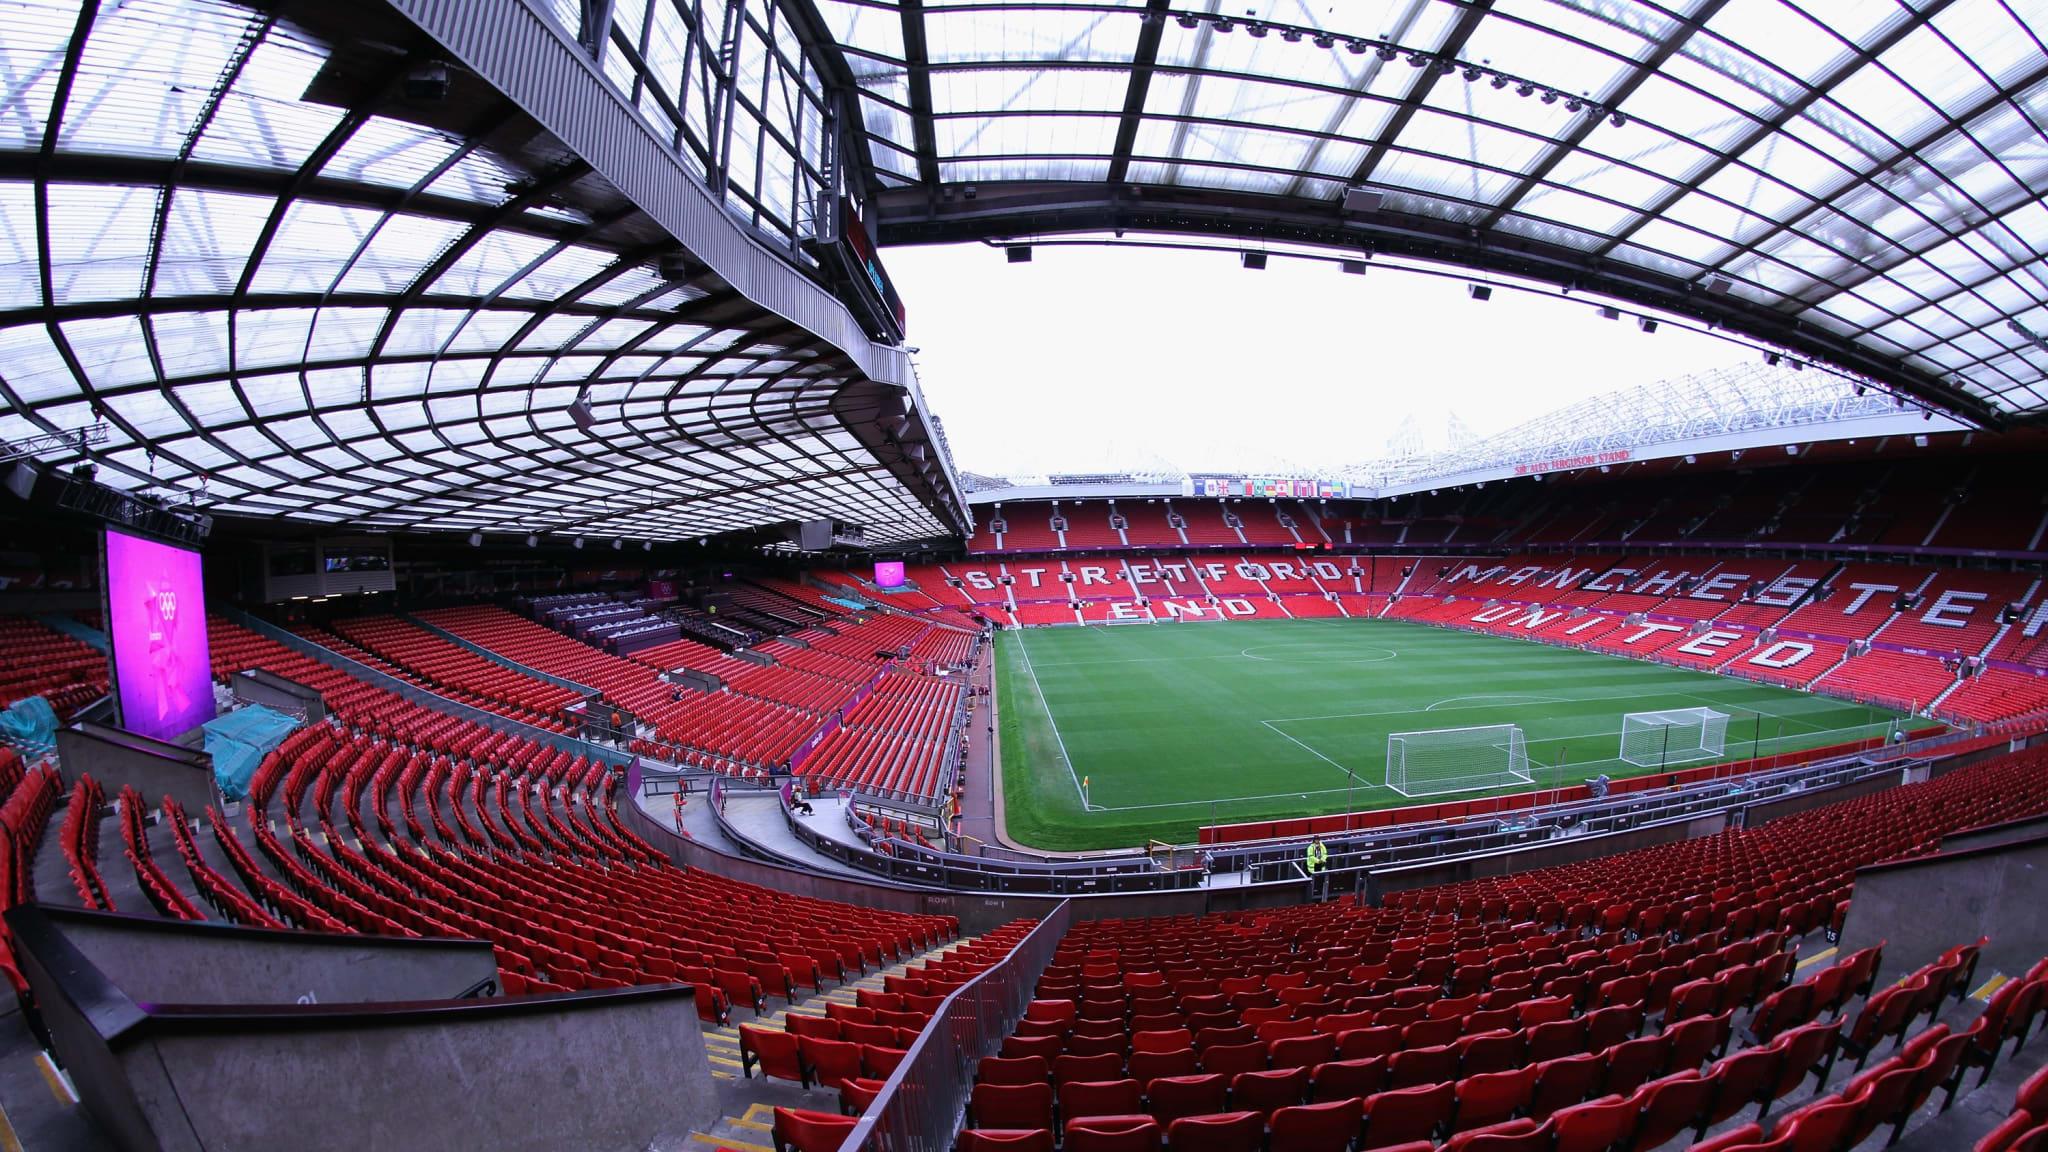 اولدترافورد-Old Trafford-منچستریونایتد-انگلیس-England-Manchester United